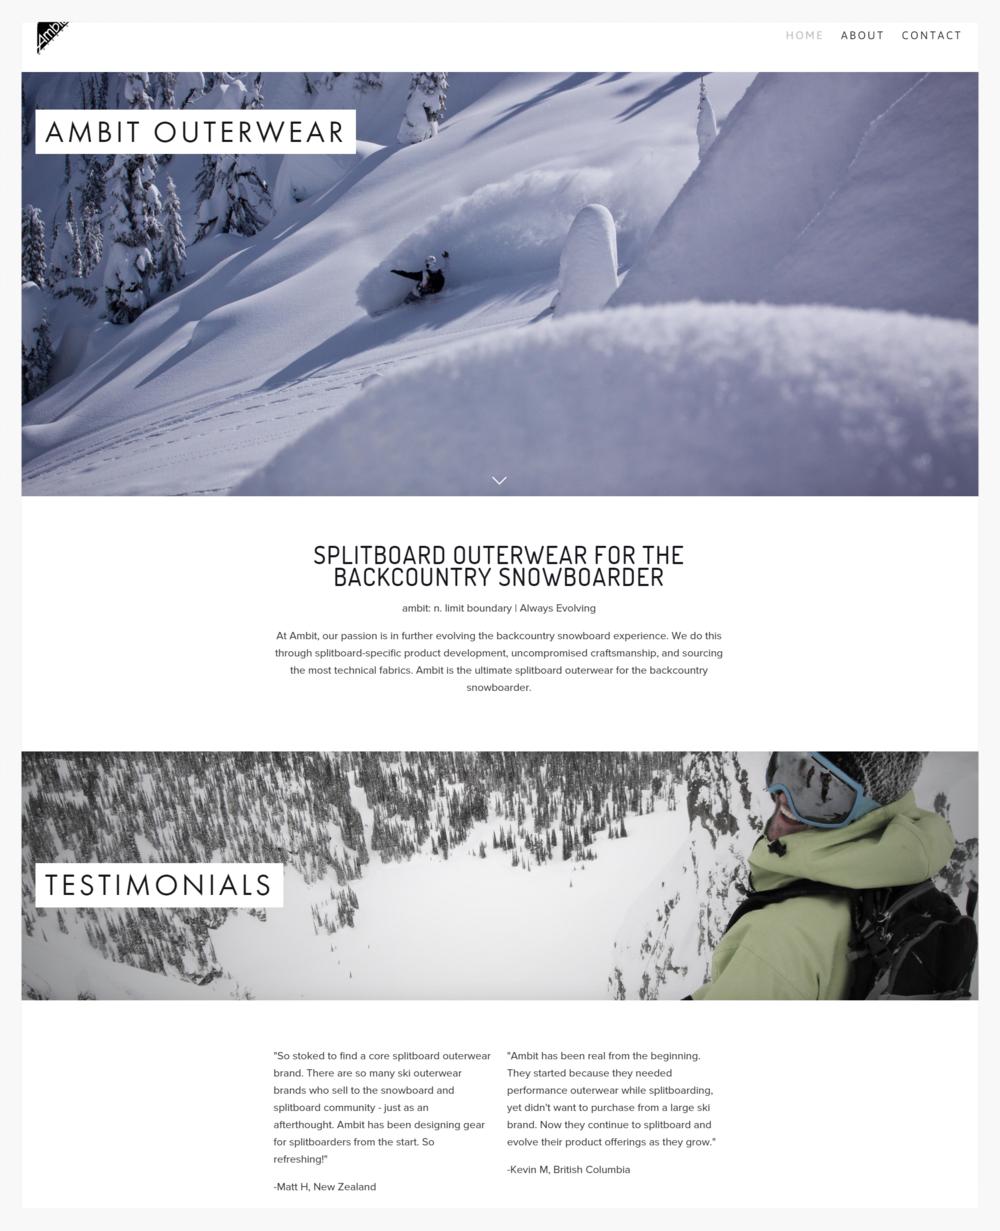 Ambit Outerwear Website Design